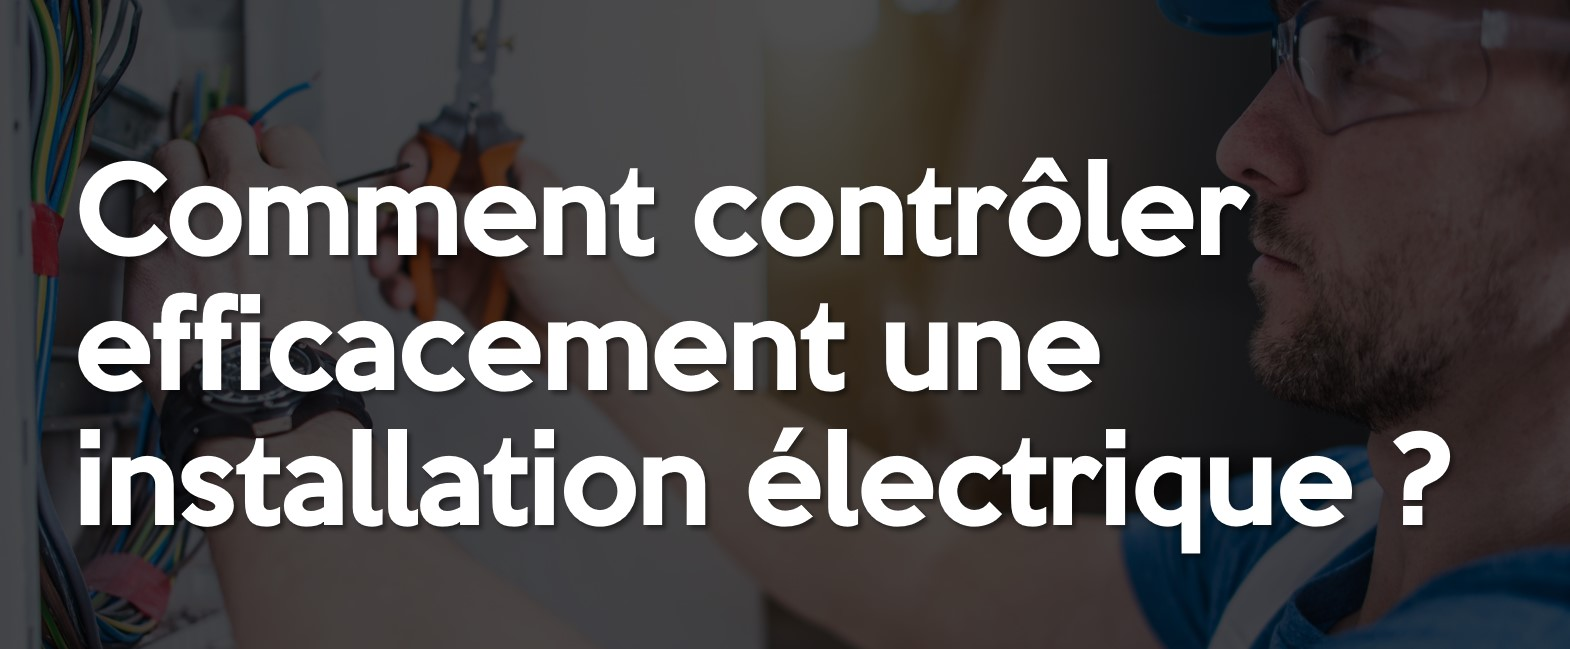 Comment contrôler efficacement une installation électrique ?